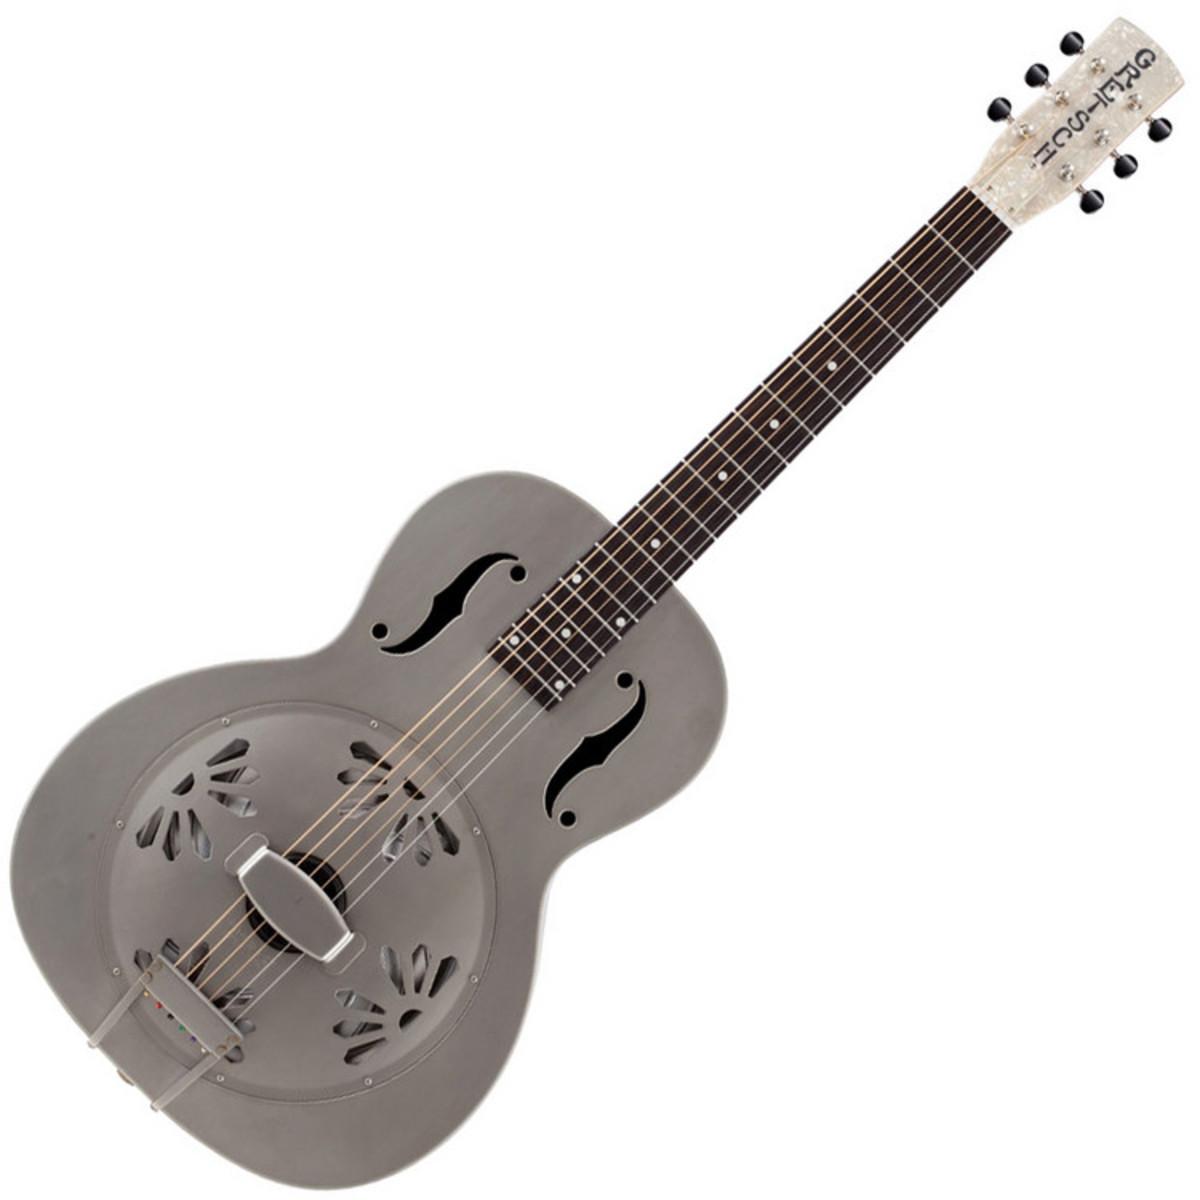 gretsch g9201 honey dipper metal resonator guitar v neck. Black Bedroom Furniture Sets. Home Design Ideas